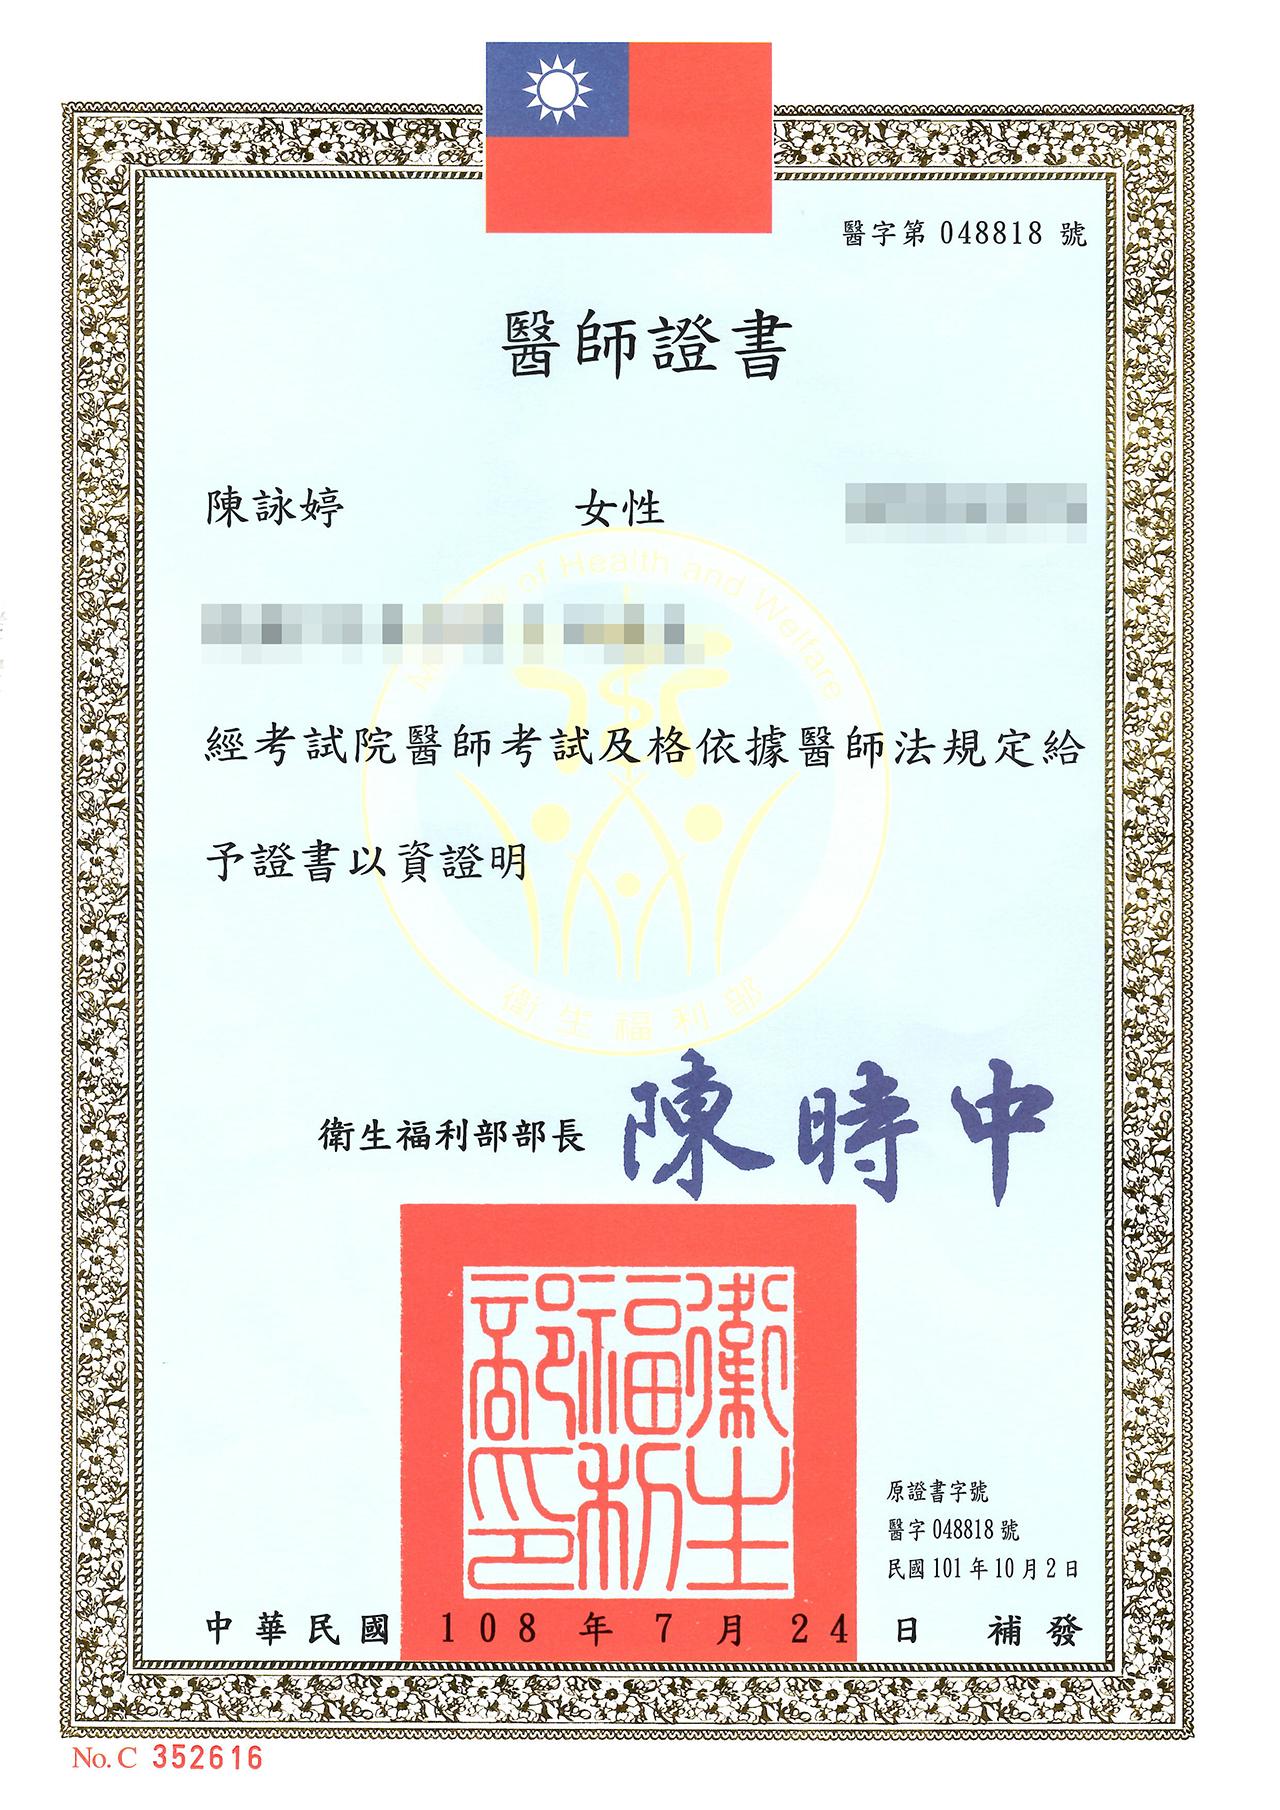 陳詠婷-醫師證書完成-1.jpg